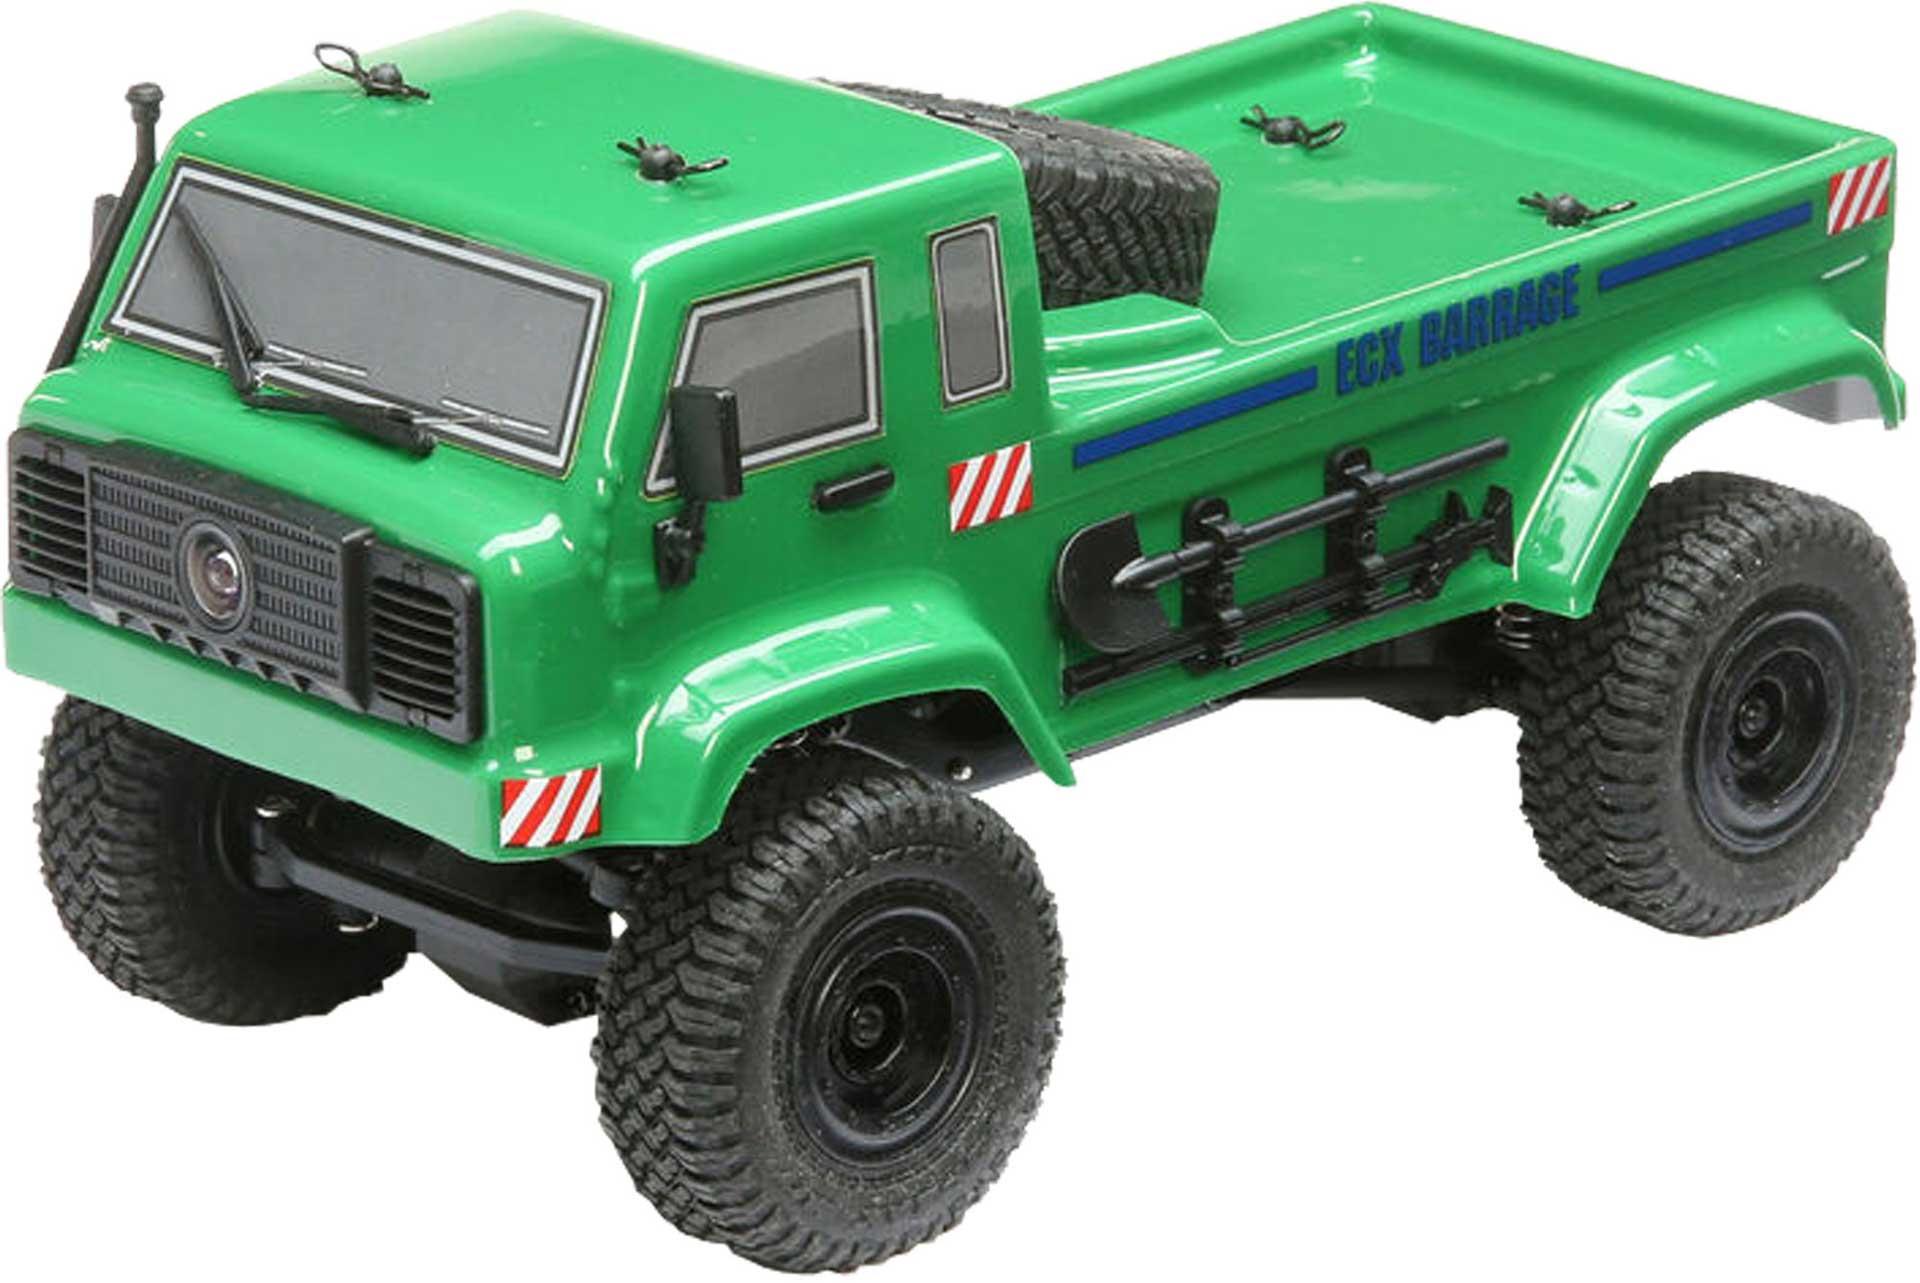 ECX BARRAGE UV 4WD SCALER CRAWLER RTR FPV 1/24 GRÜN